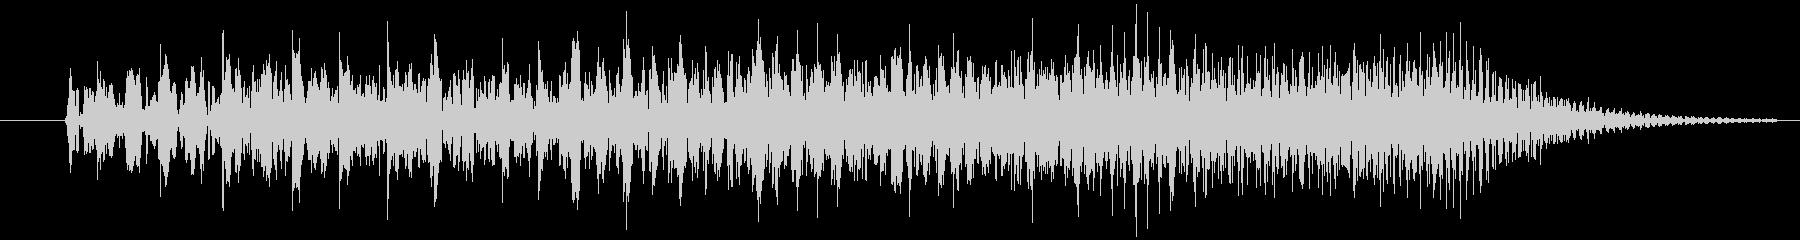 クイズ出題音2の未再生の波形